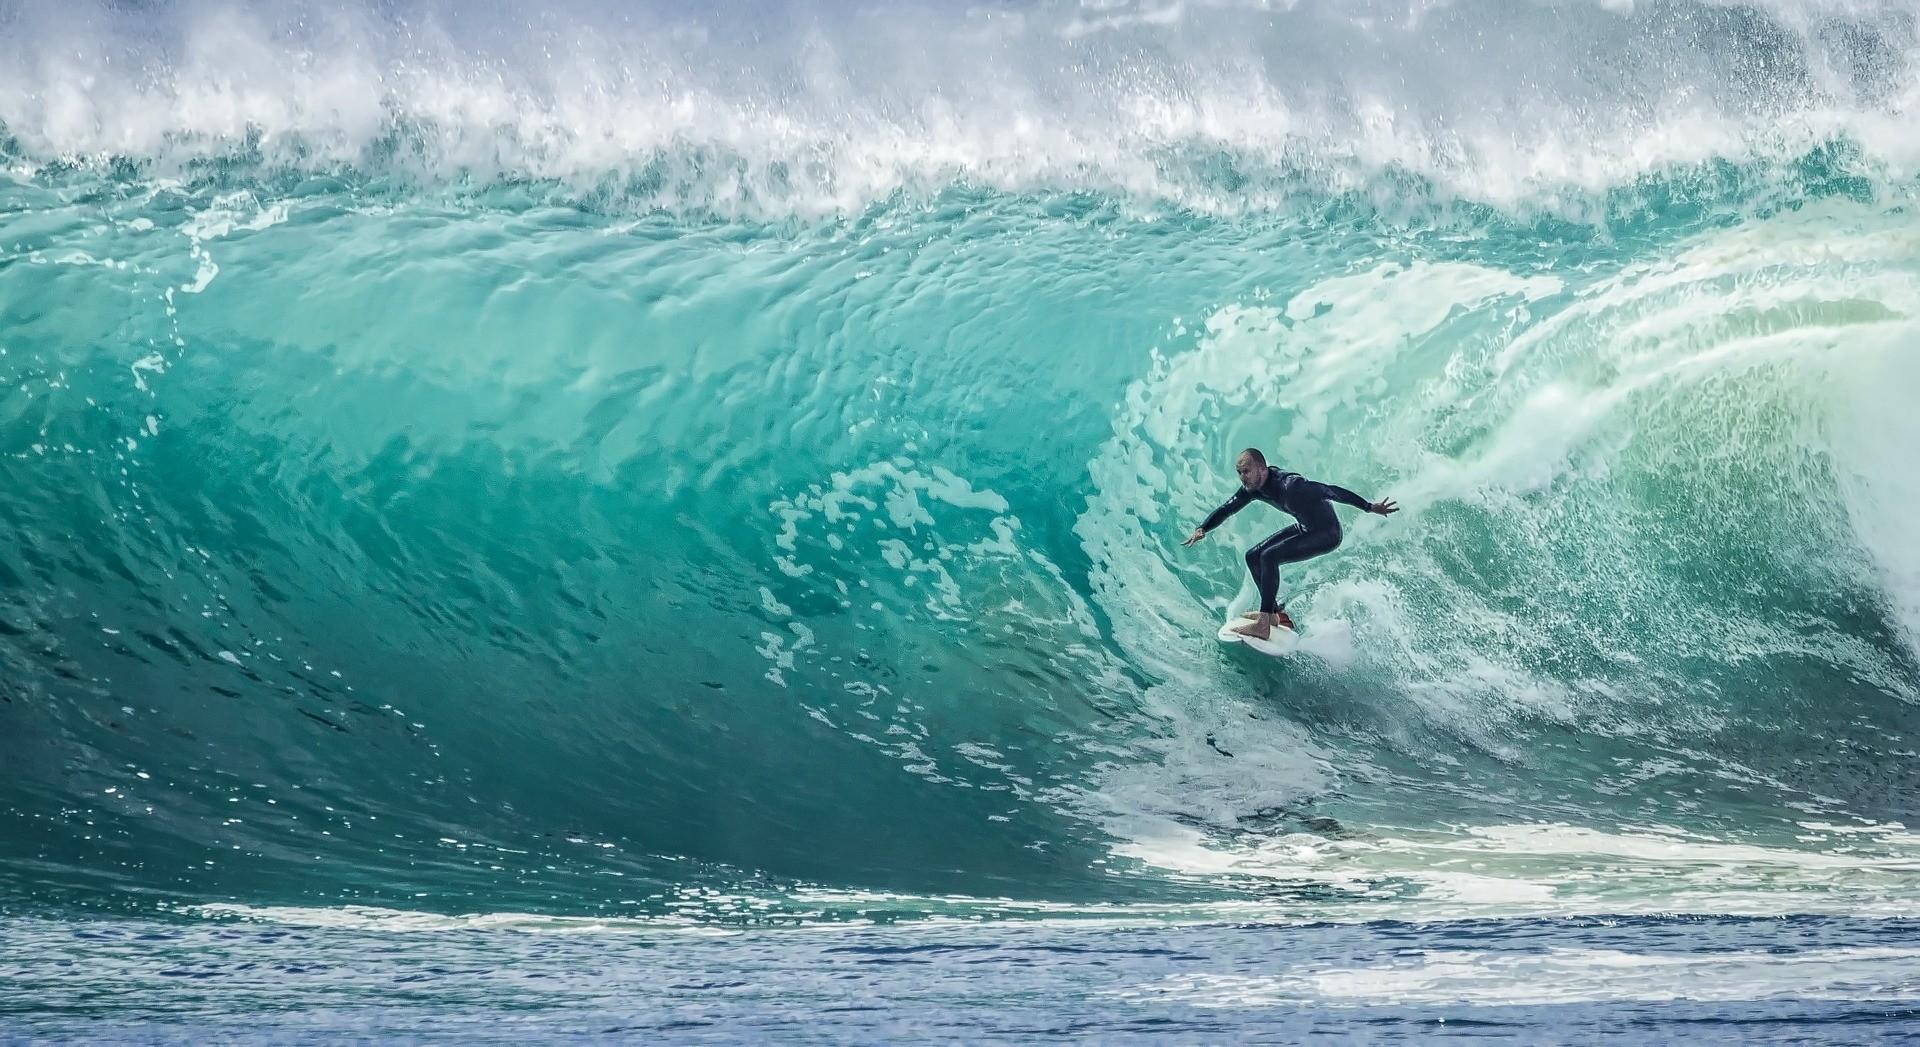 Cornish surfer Tom Butler rides biggest ever wave at 100ft high